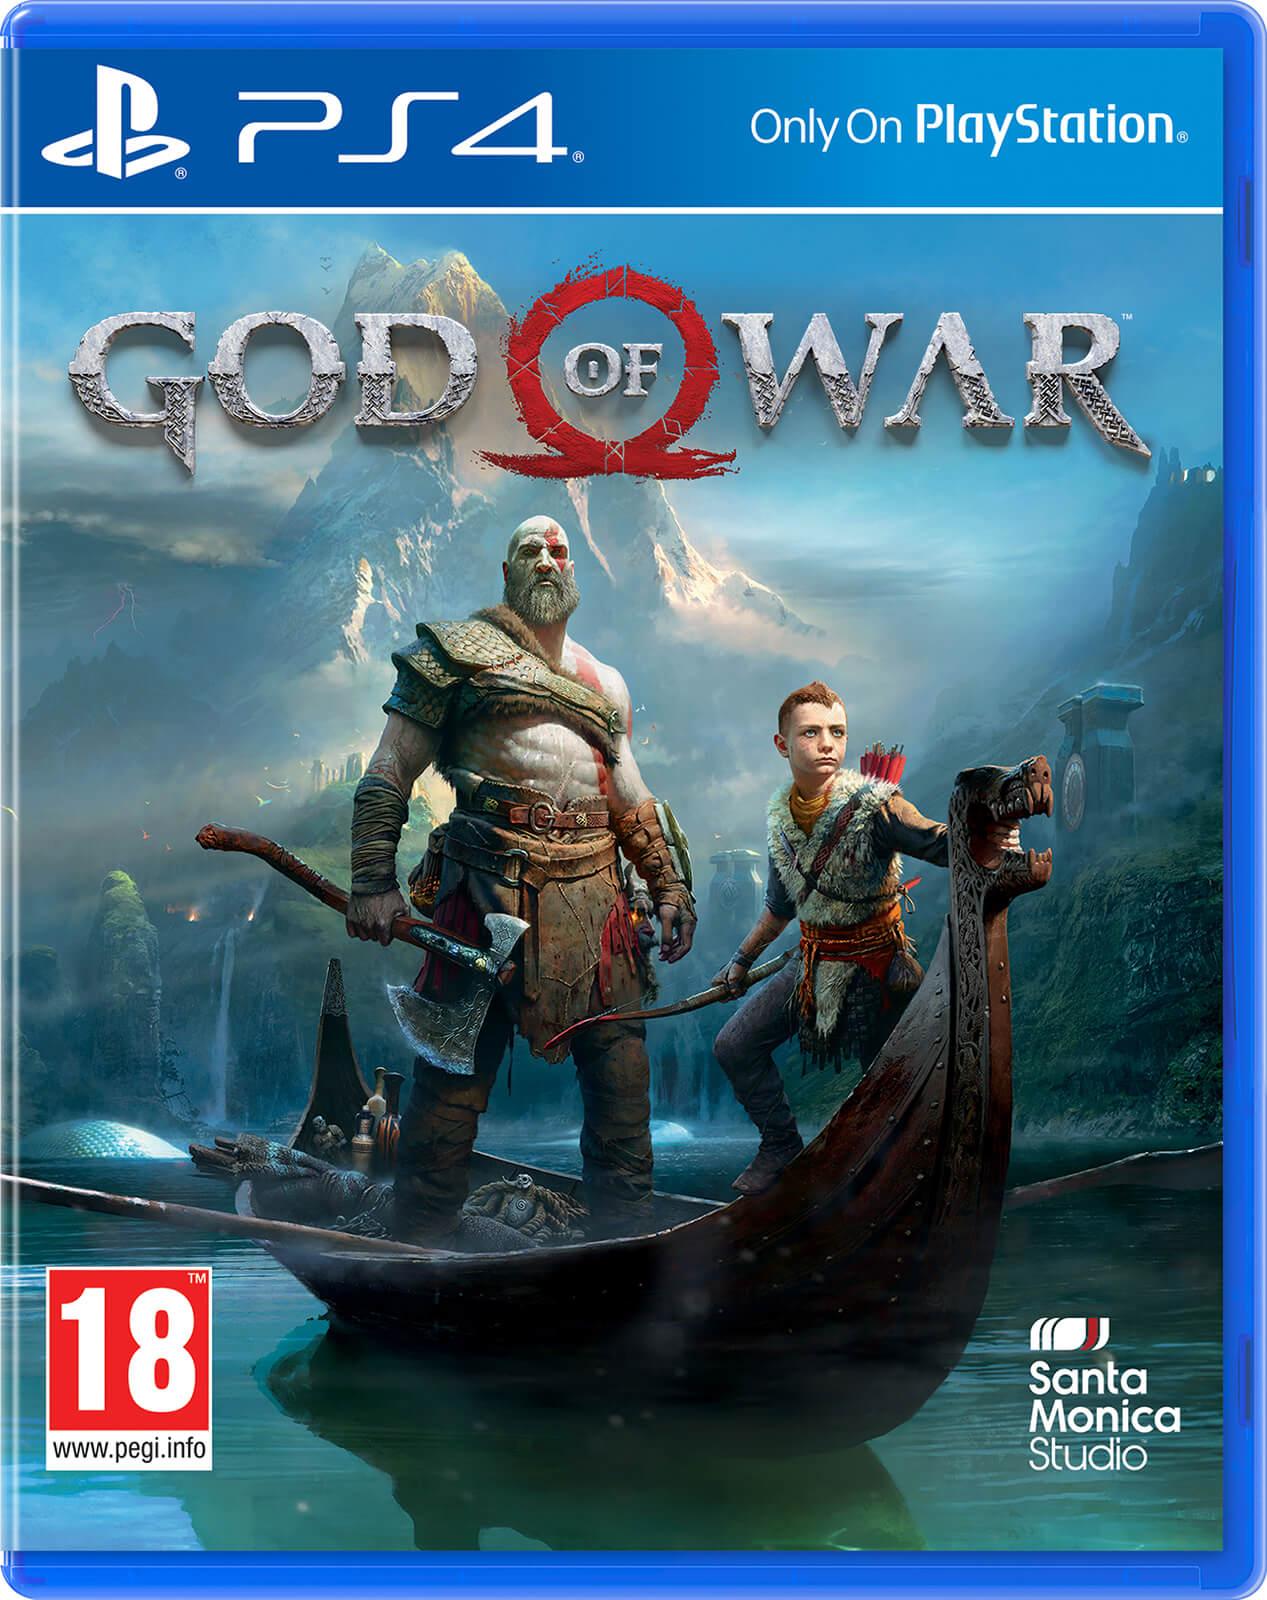 Ps4 Of God Zavvi War